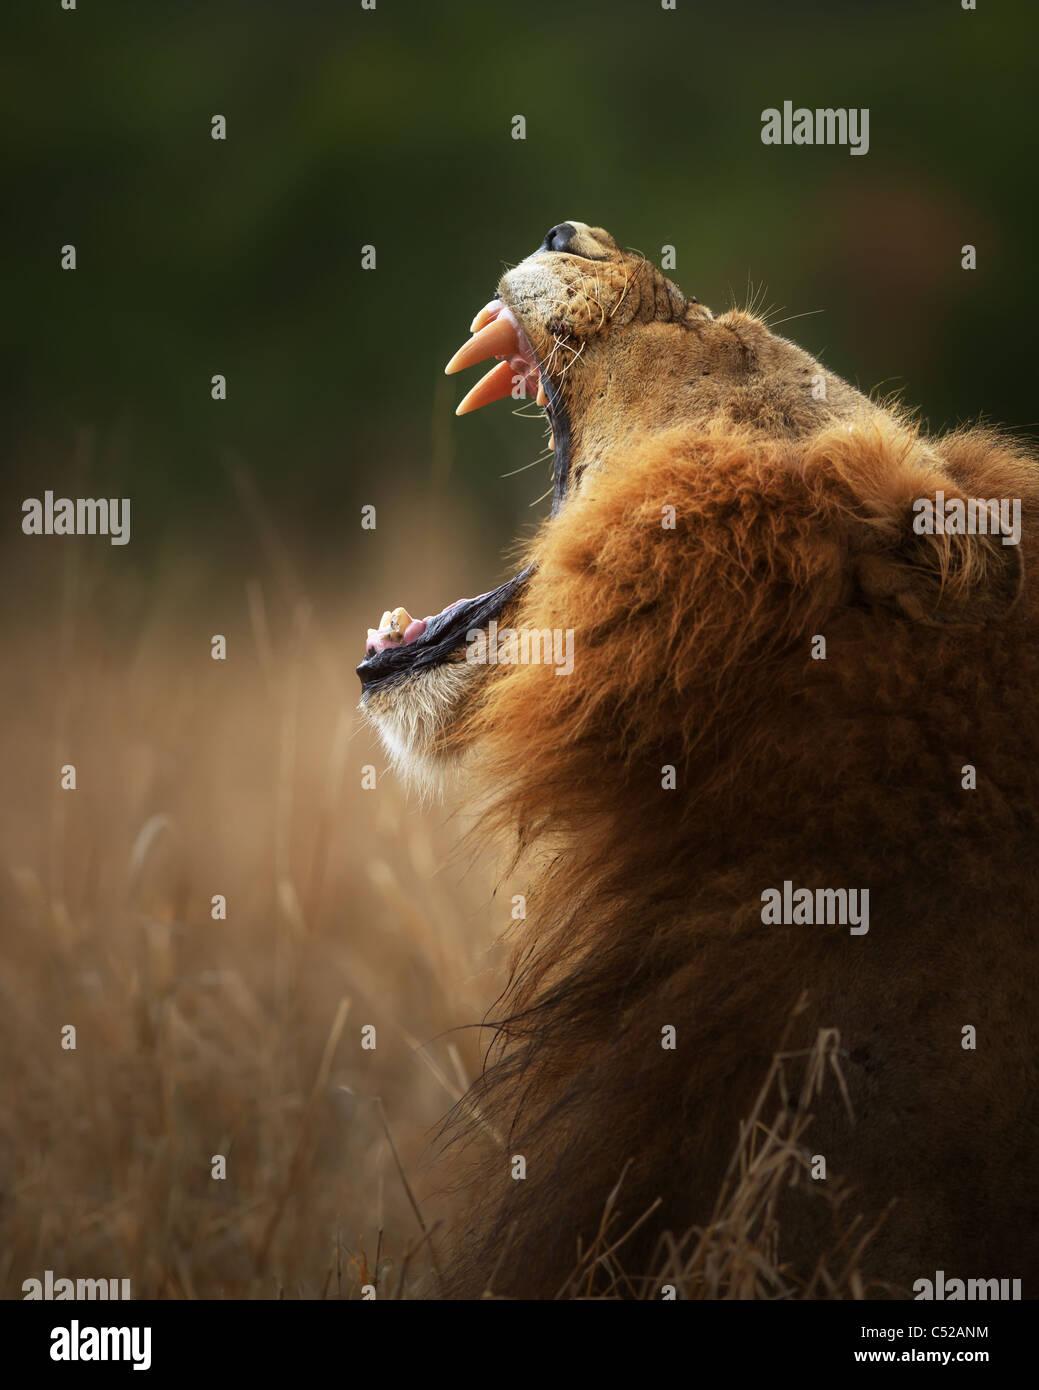 Lion visualizza denti pericolose quando sbadigli - Kruger National Park - Sud Africa Immagini Stock